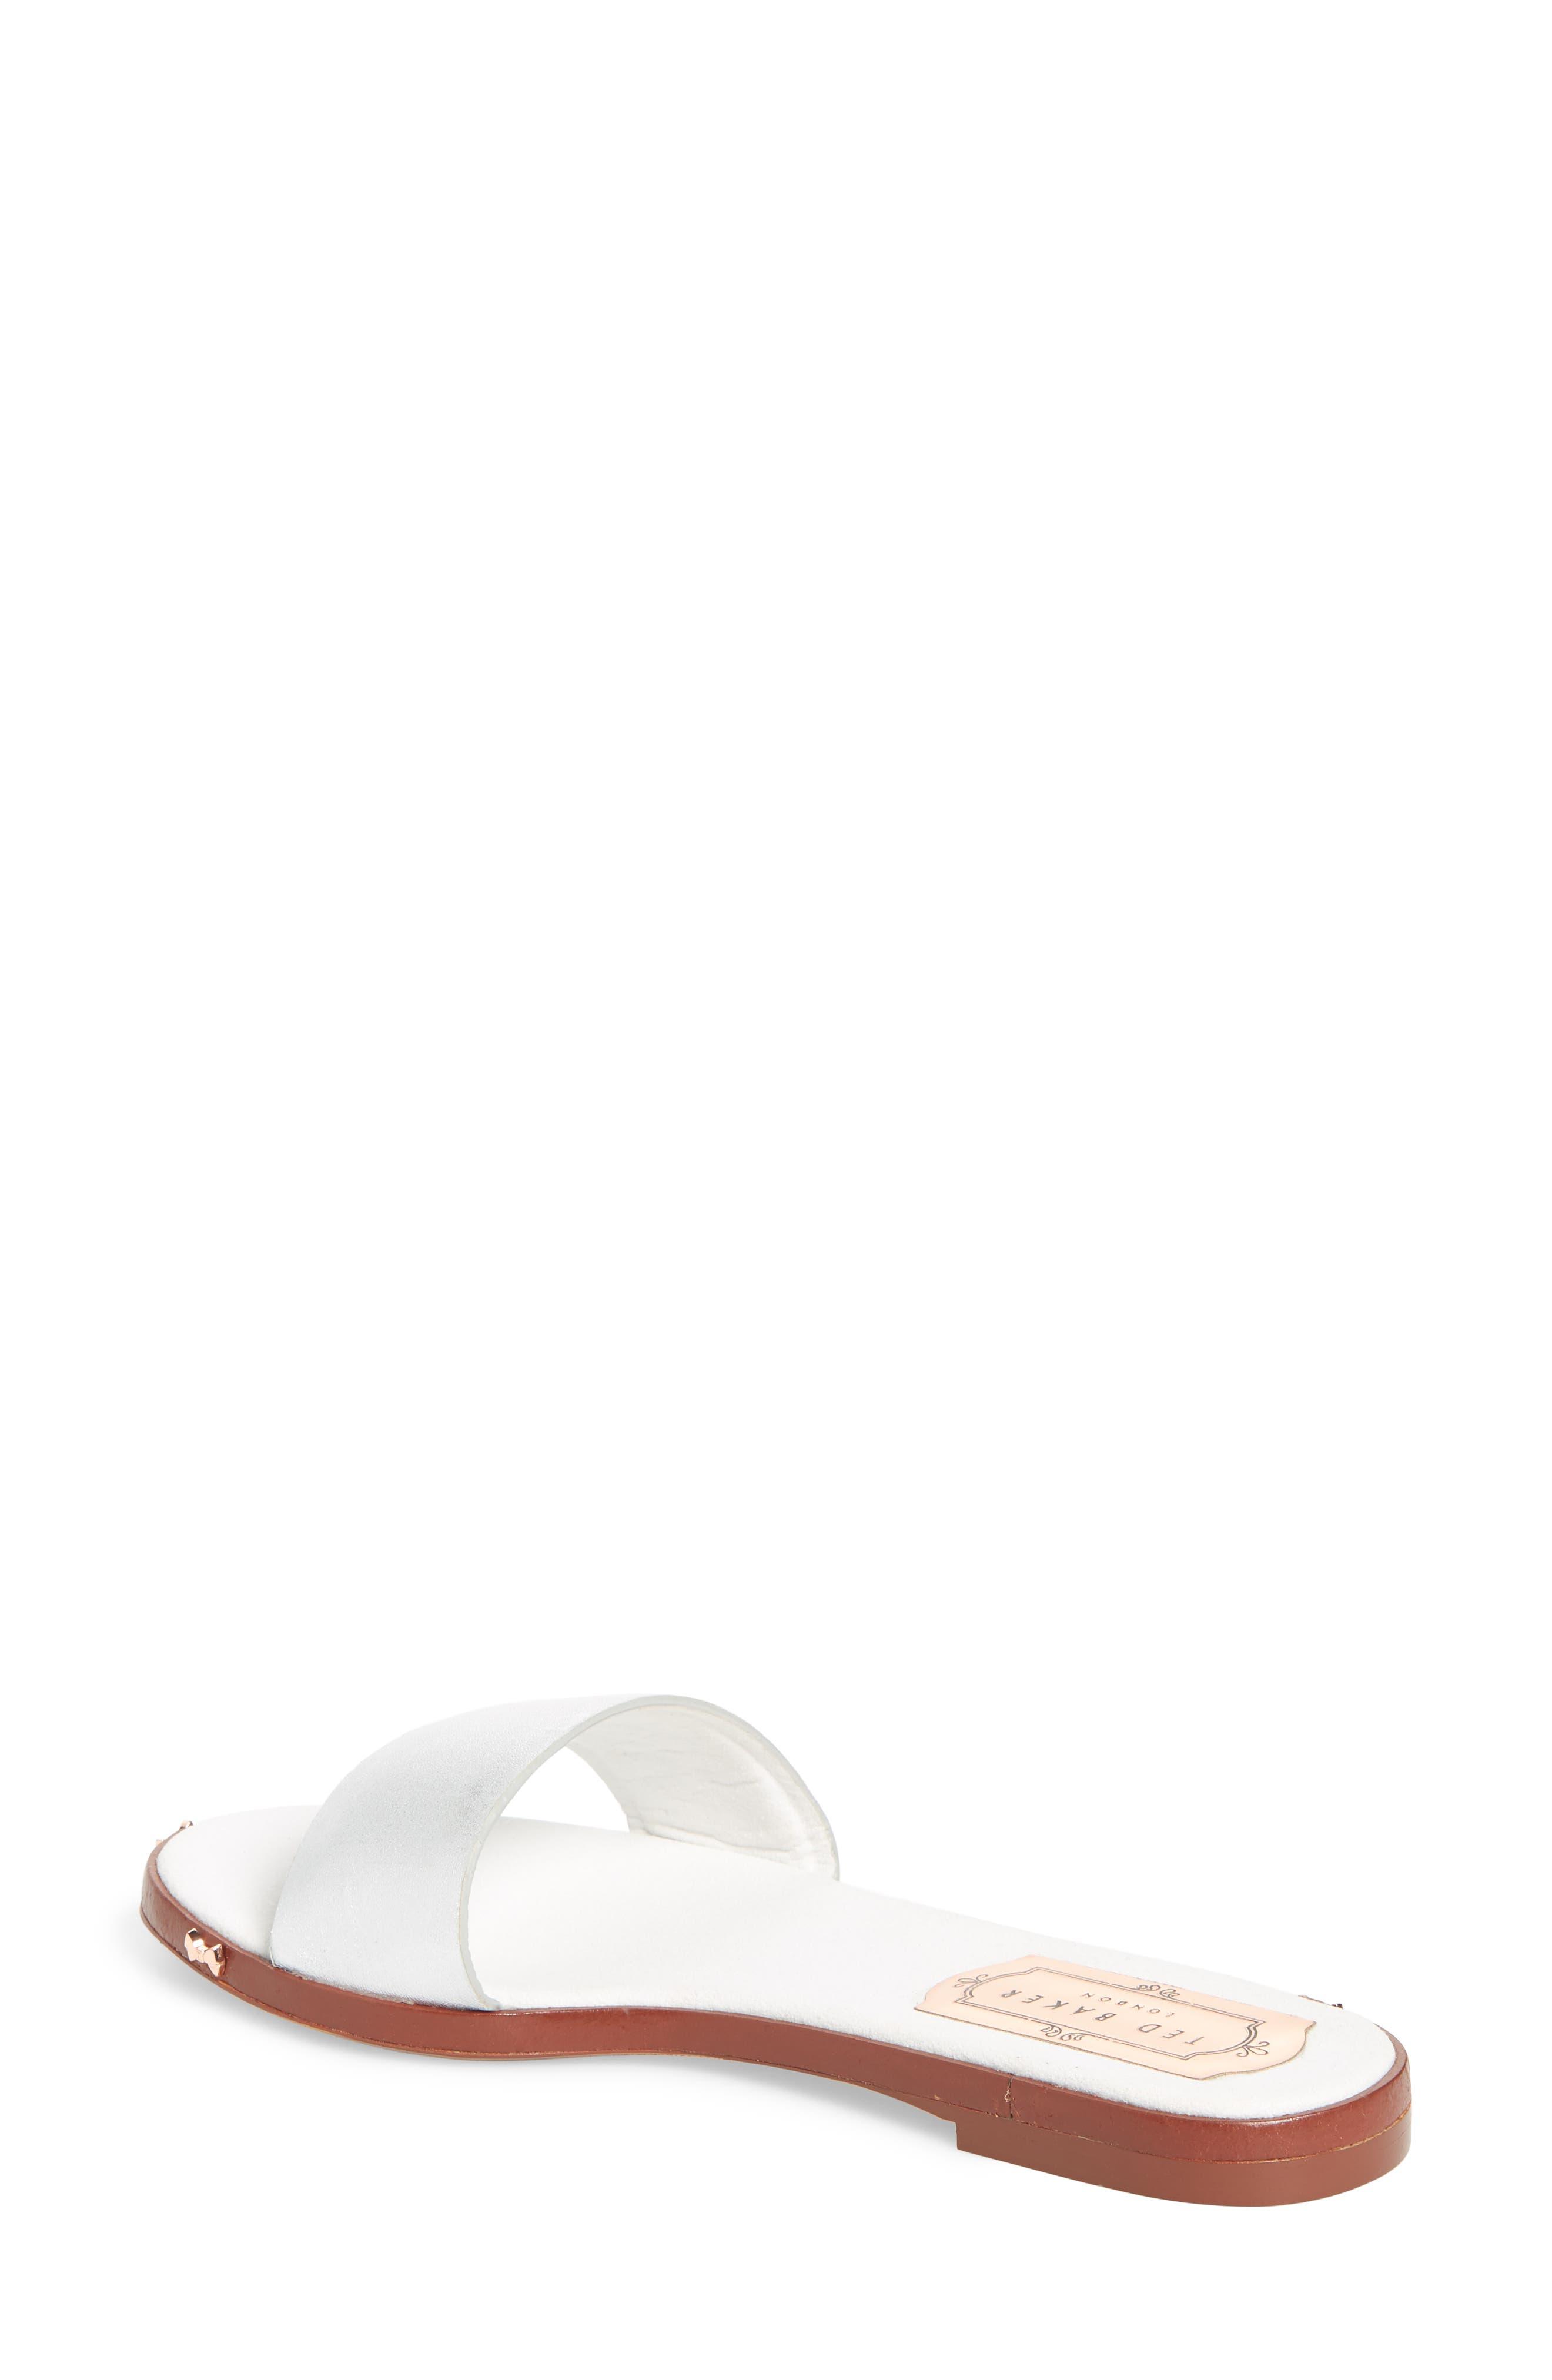 Kytti Slide Sandal,                             Alternate thumbnail 2, color,                             Silver Leather